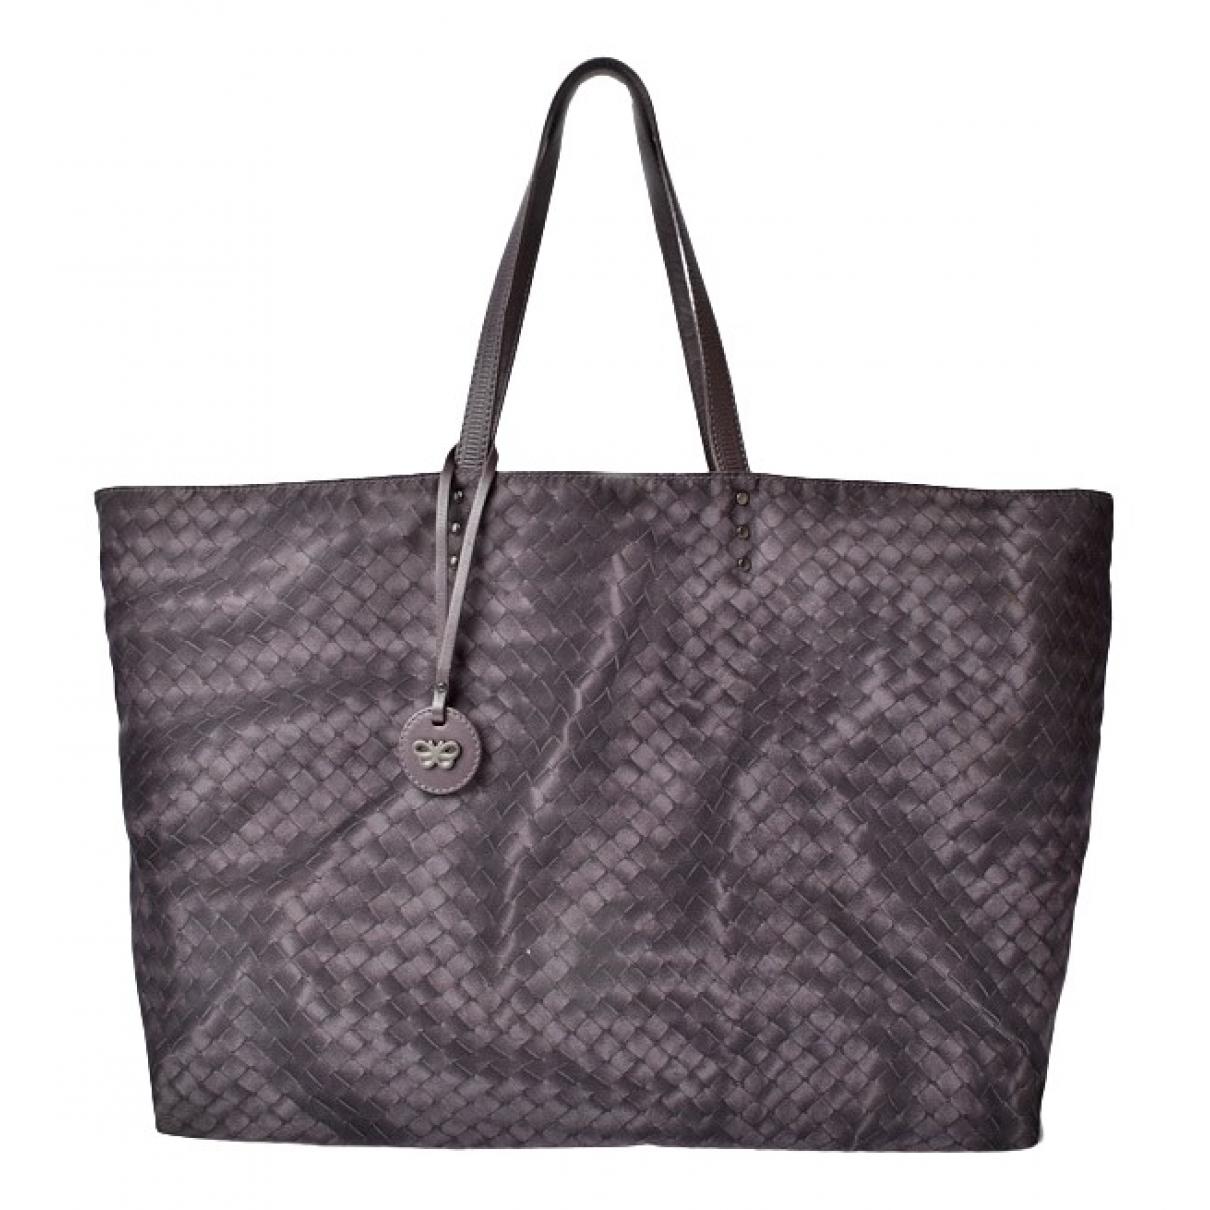 Bottega Veneta \N Purple Leather handbag for Women \N